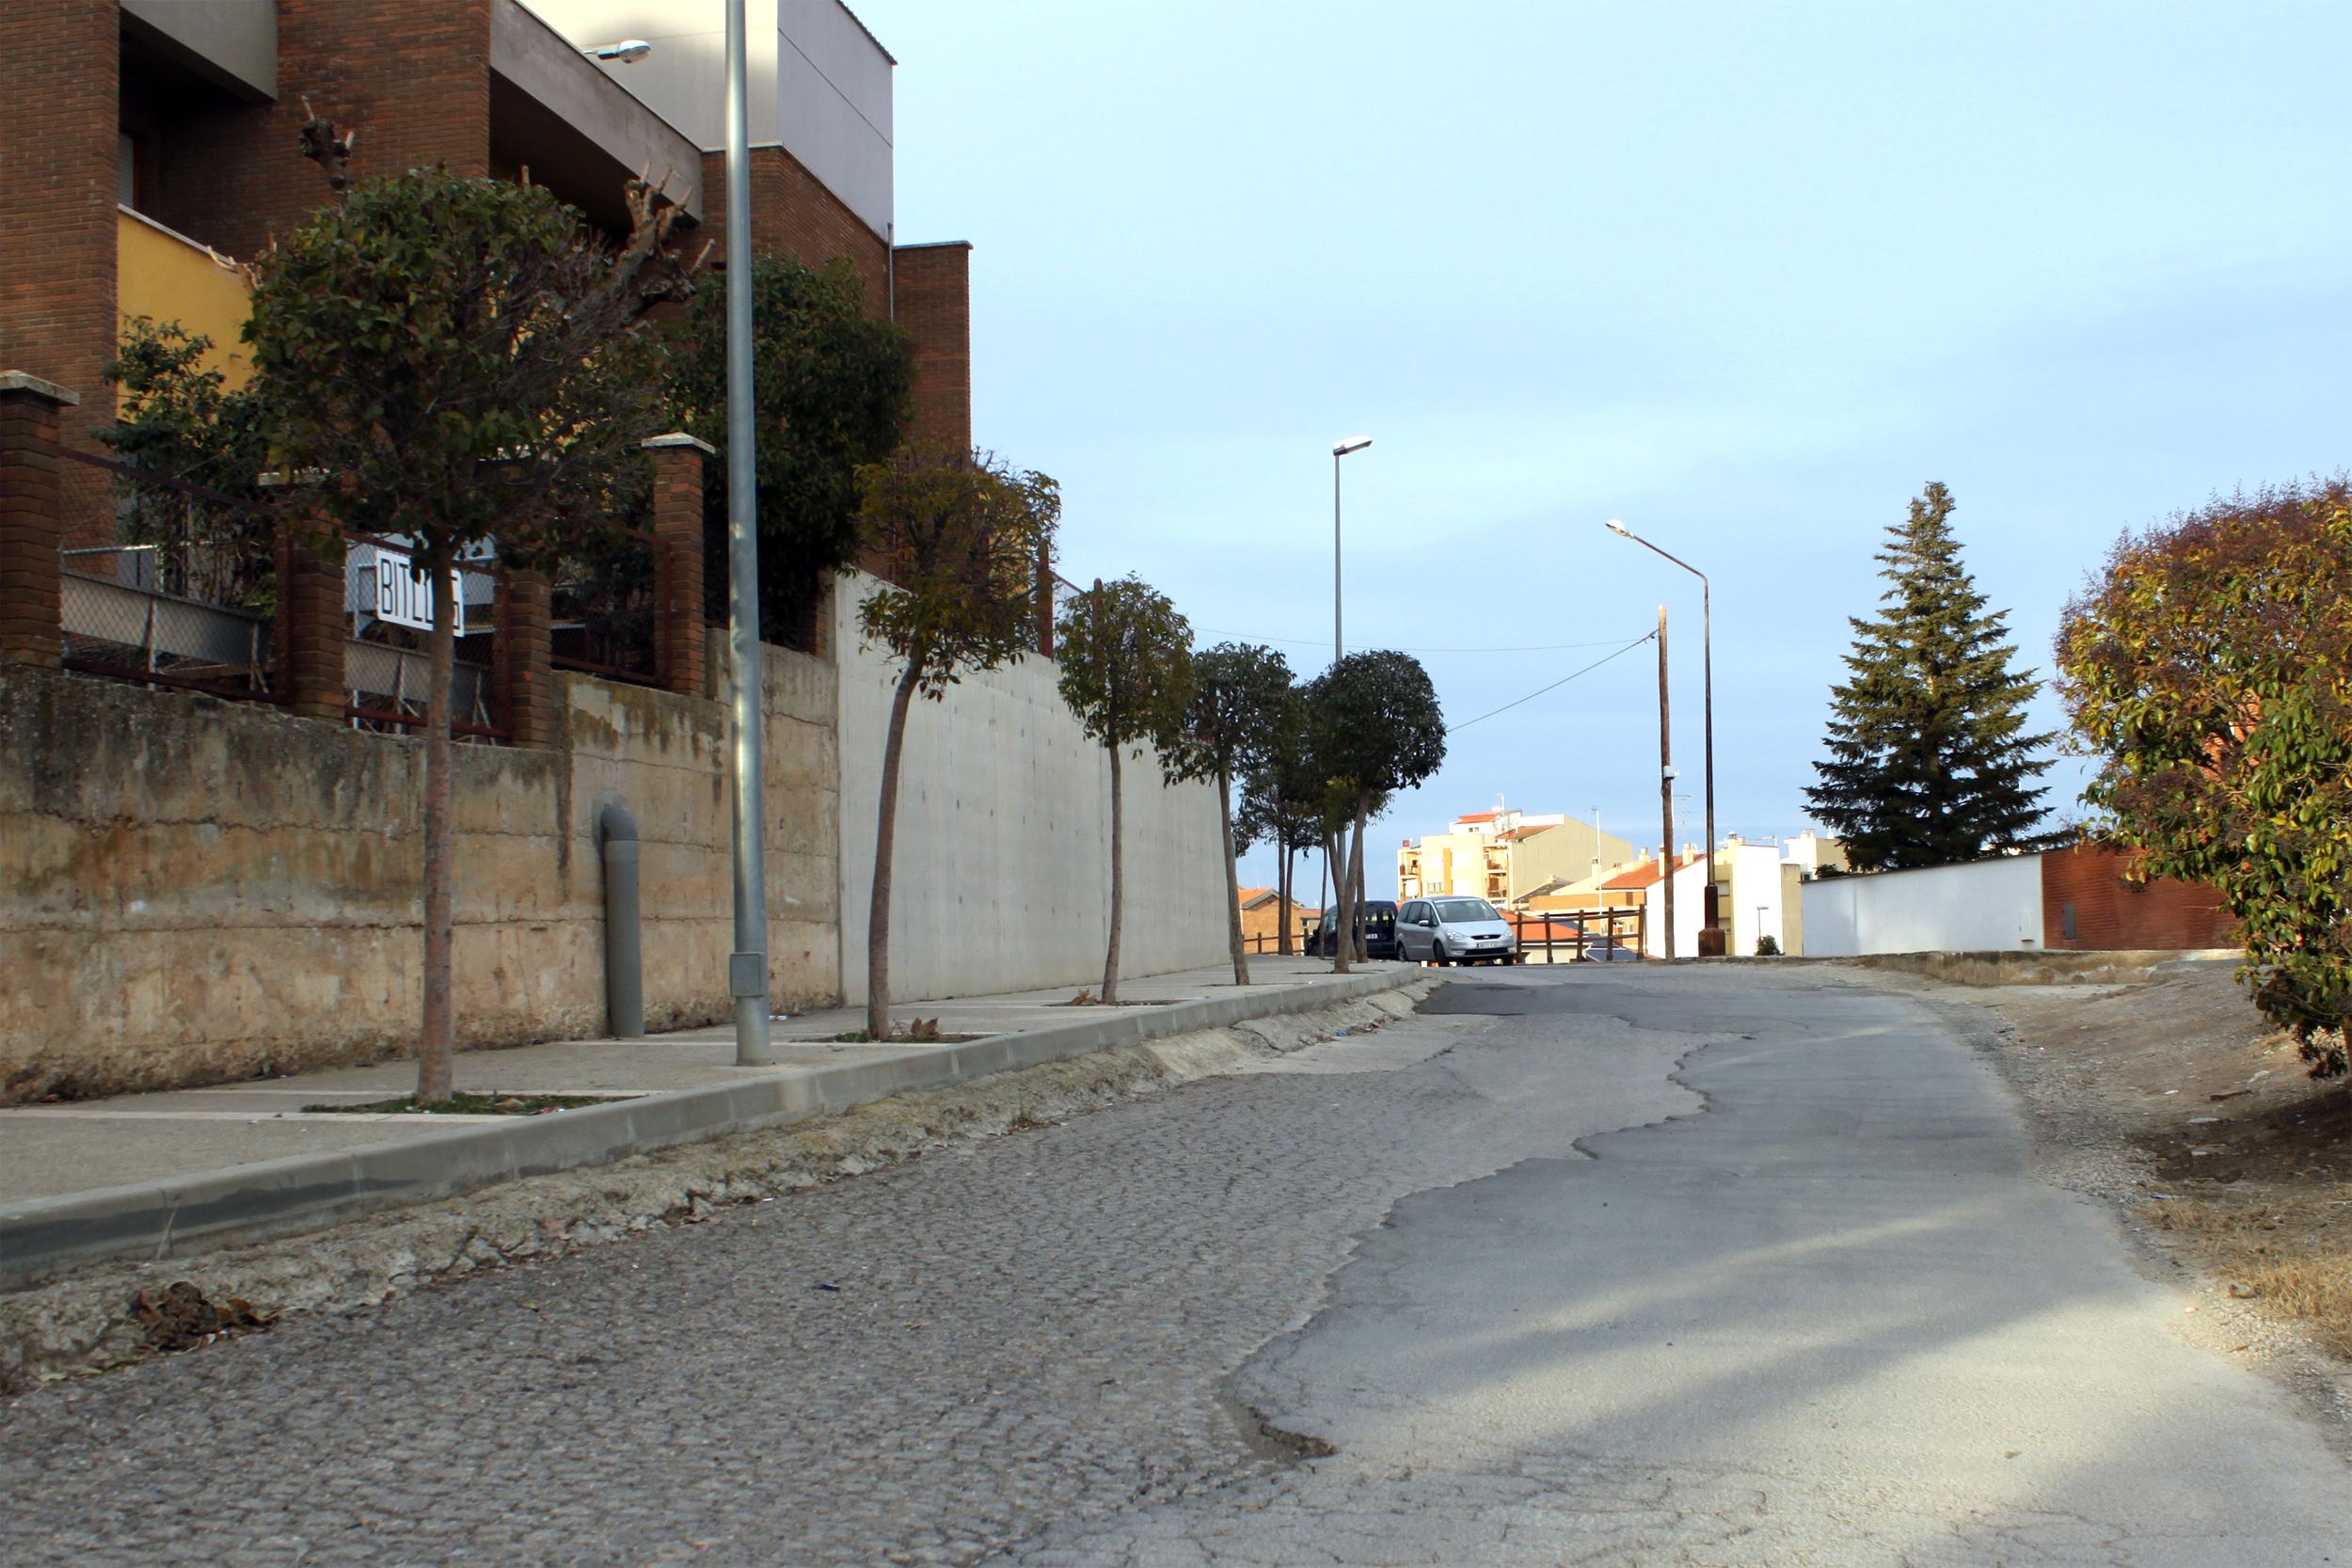 L'Ajuntament de Tàrrega aprova el projecte per renovar el carrer de La Pau, vial que circumval·la el nucli urbà vora el Parc de Sant Eloi